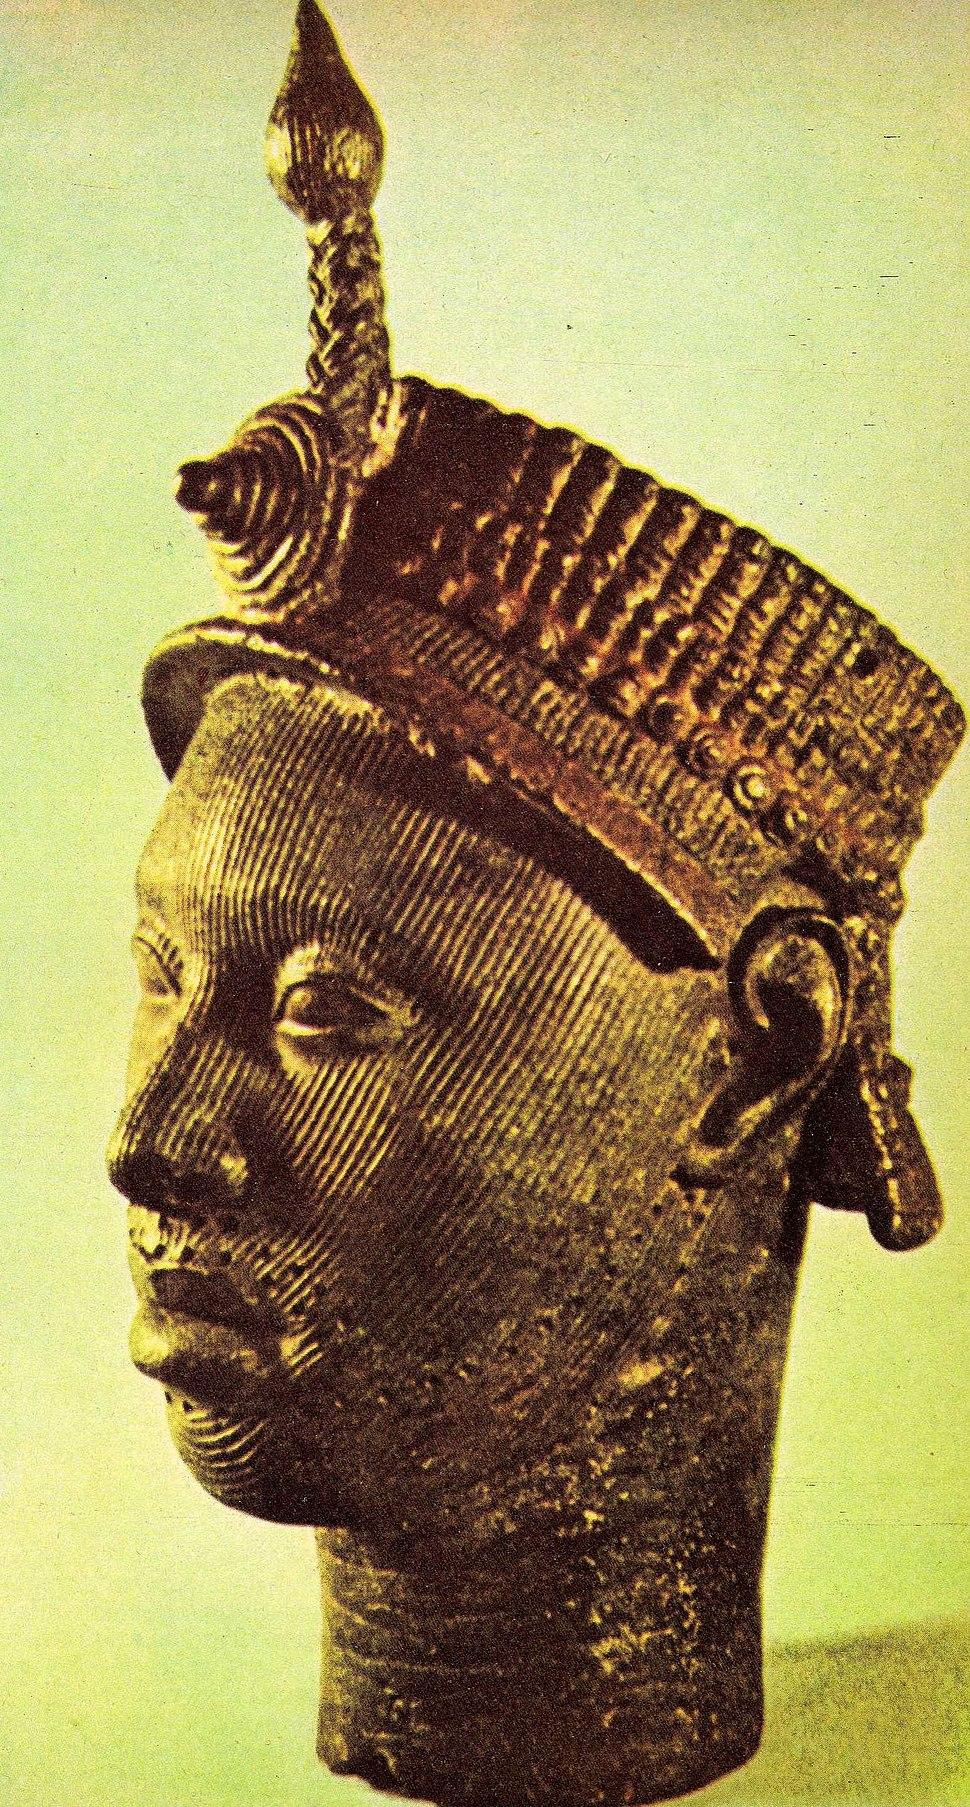 Cabeza de rey (ciudad yoruba)